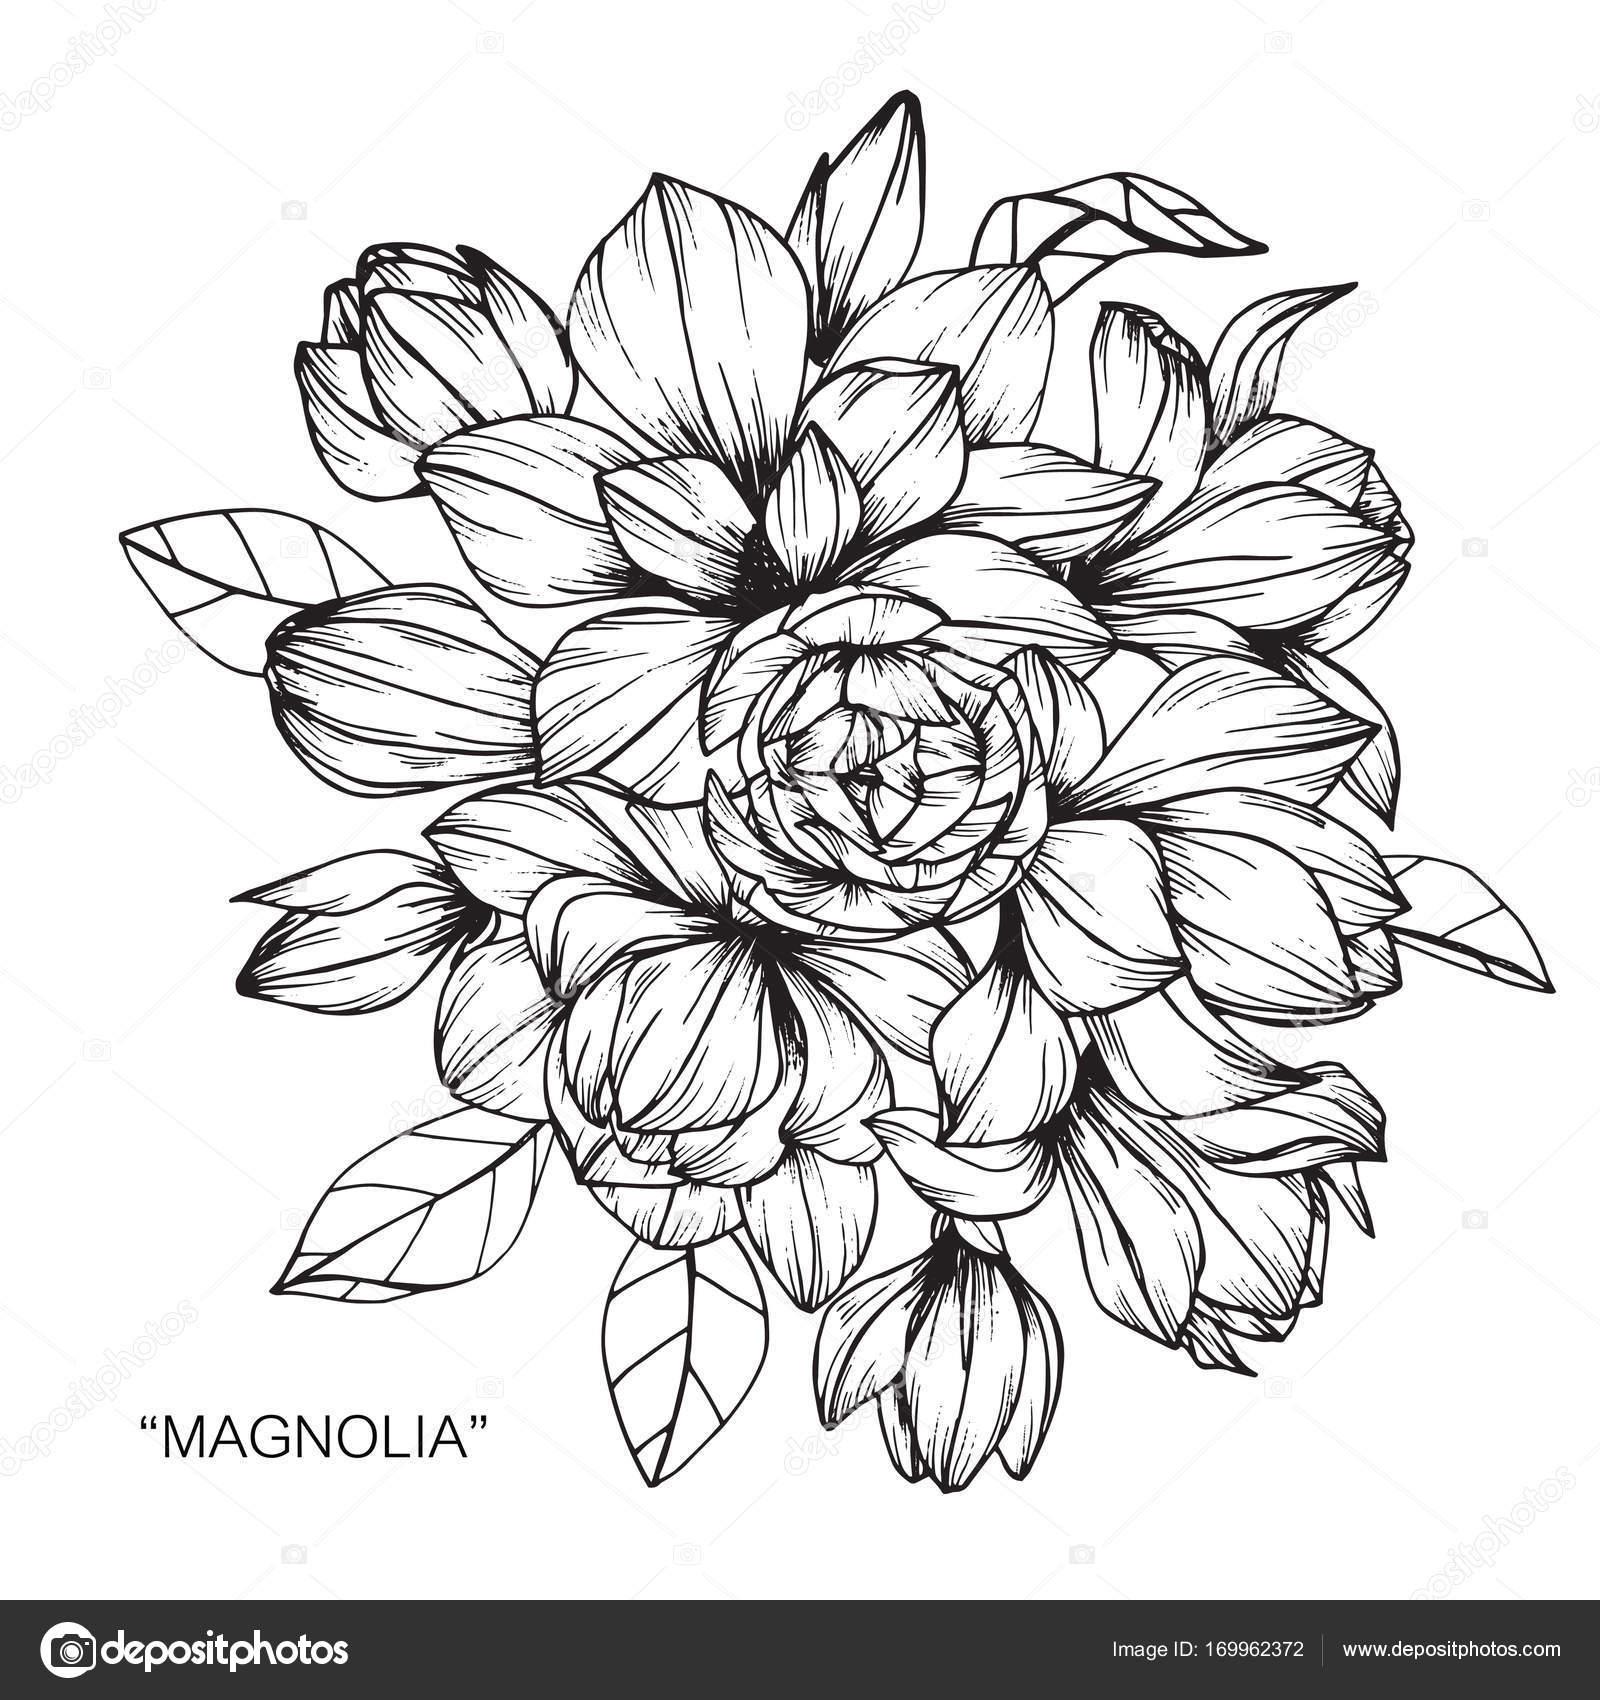 Bouquet of magnolia flowers drawing stock vector suwi19 169962372 bouquet of magnolia flowers drawing stock vector izmirmasajfo